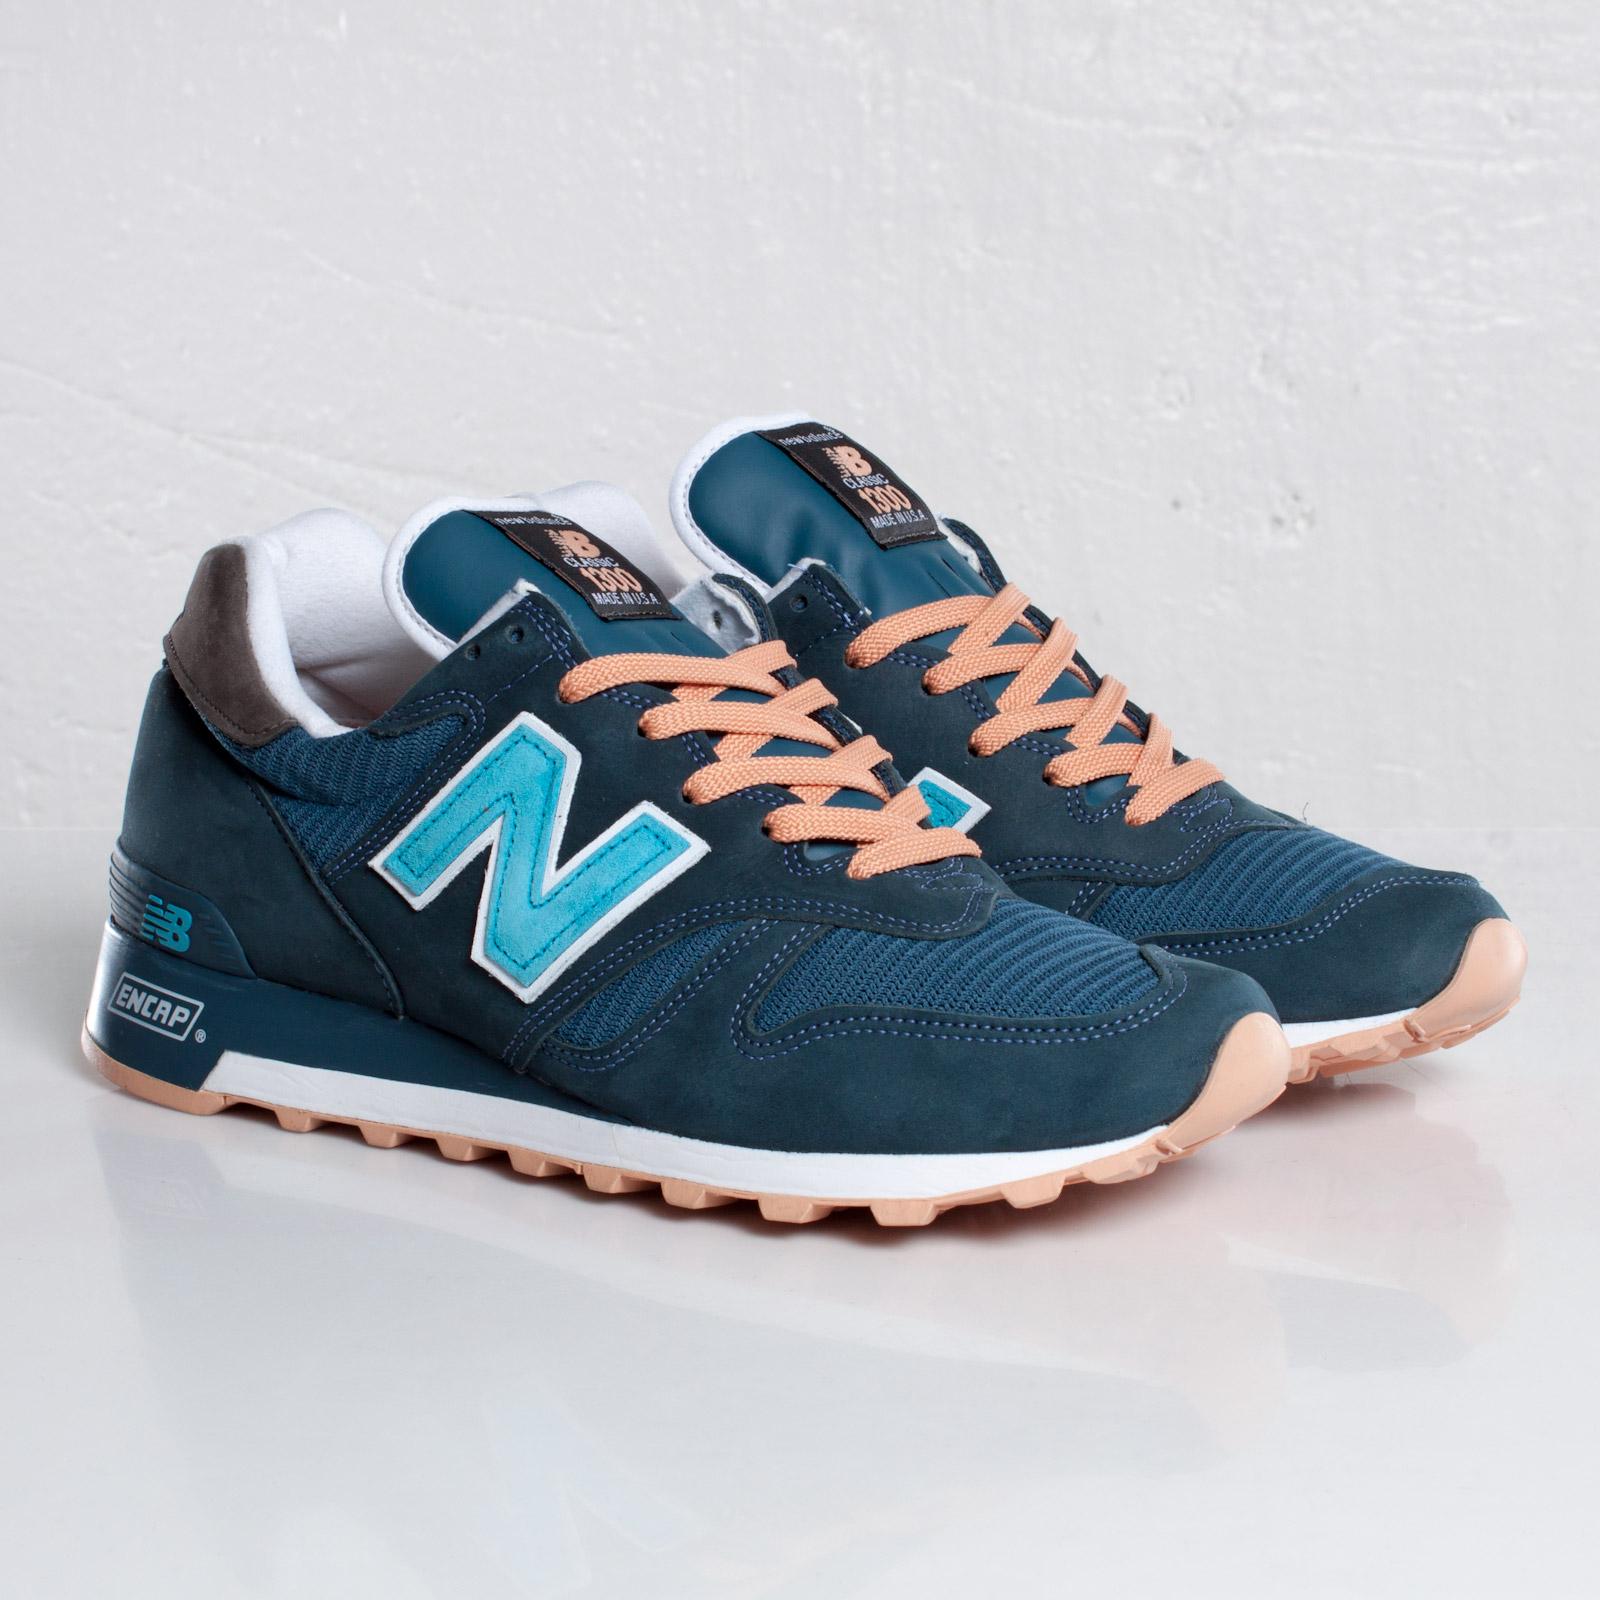 New Balance M1300 - M1300nsl - Sneakersnstuff  f4d0fd995